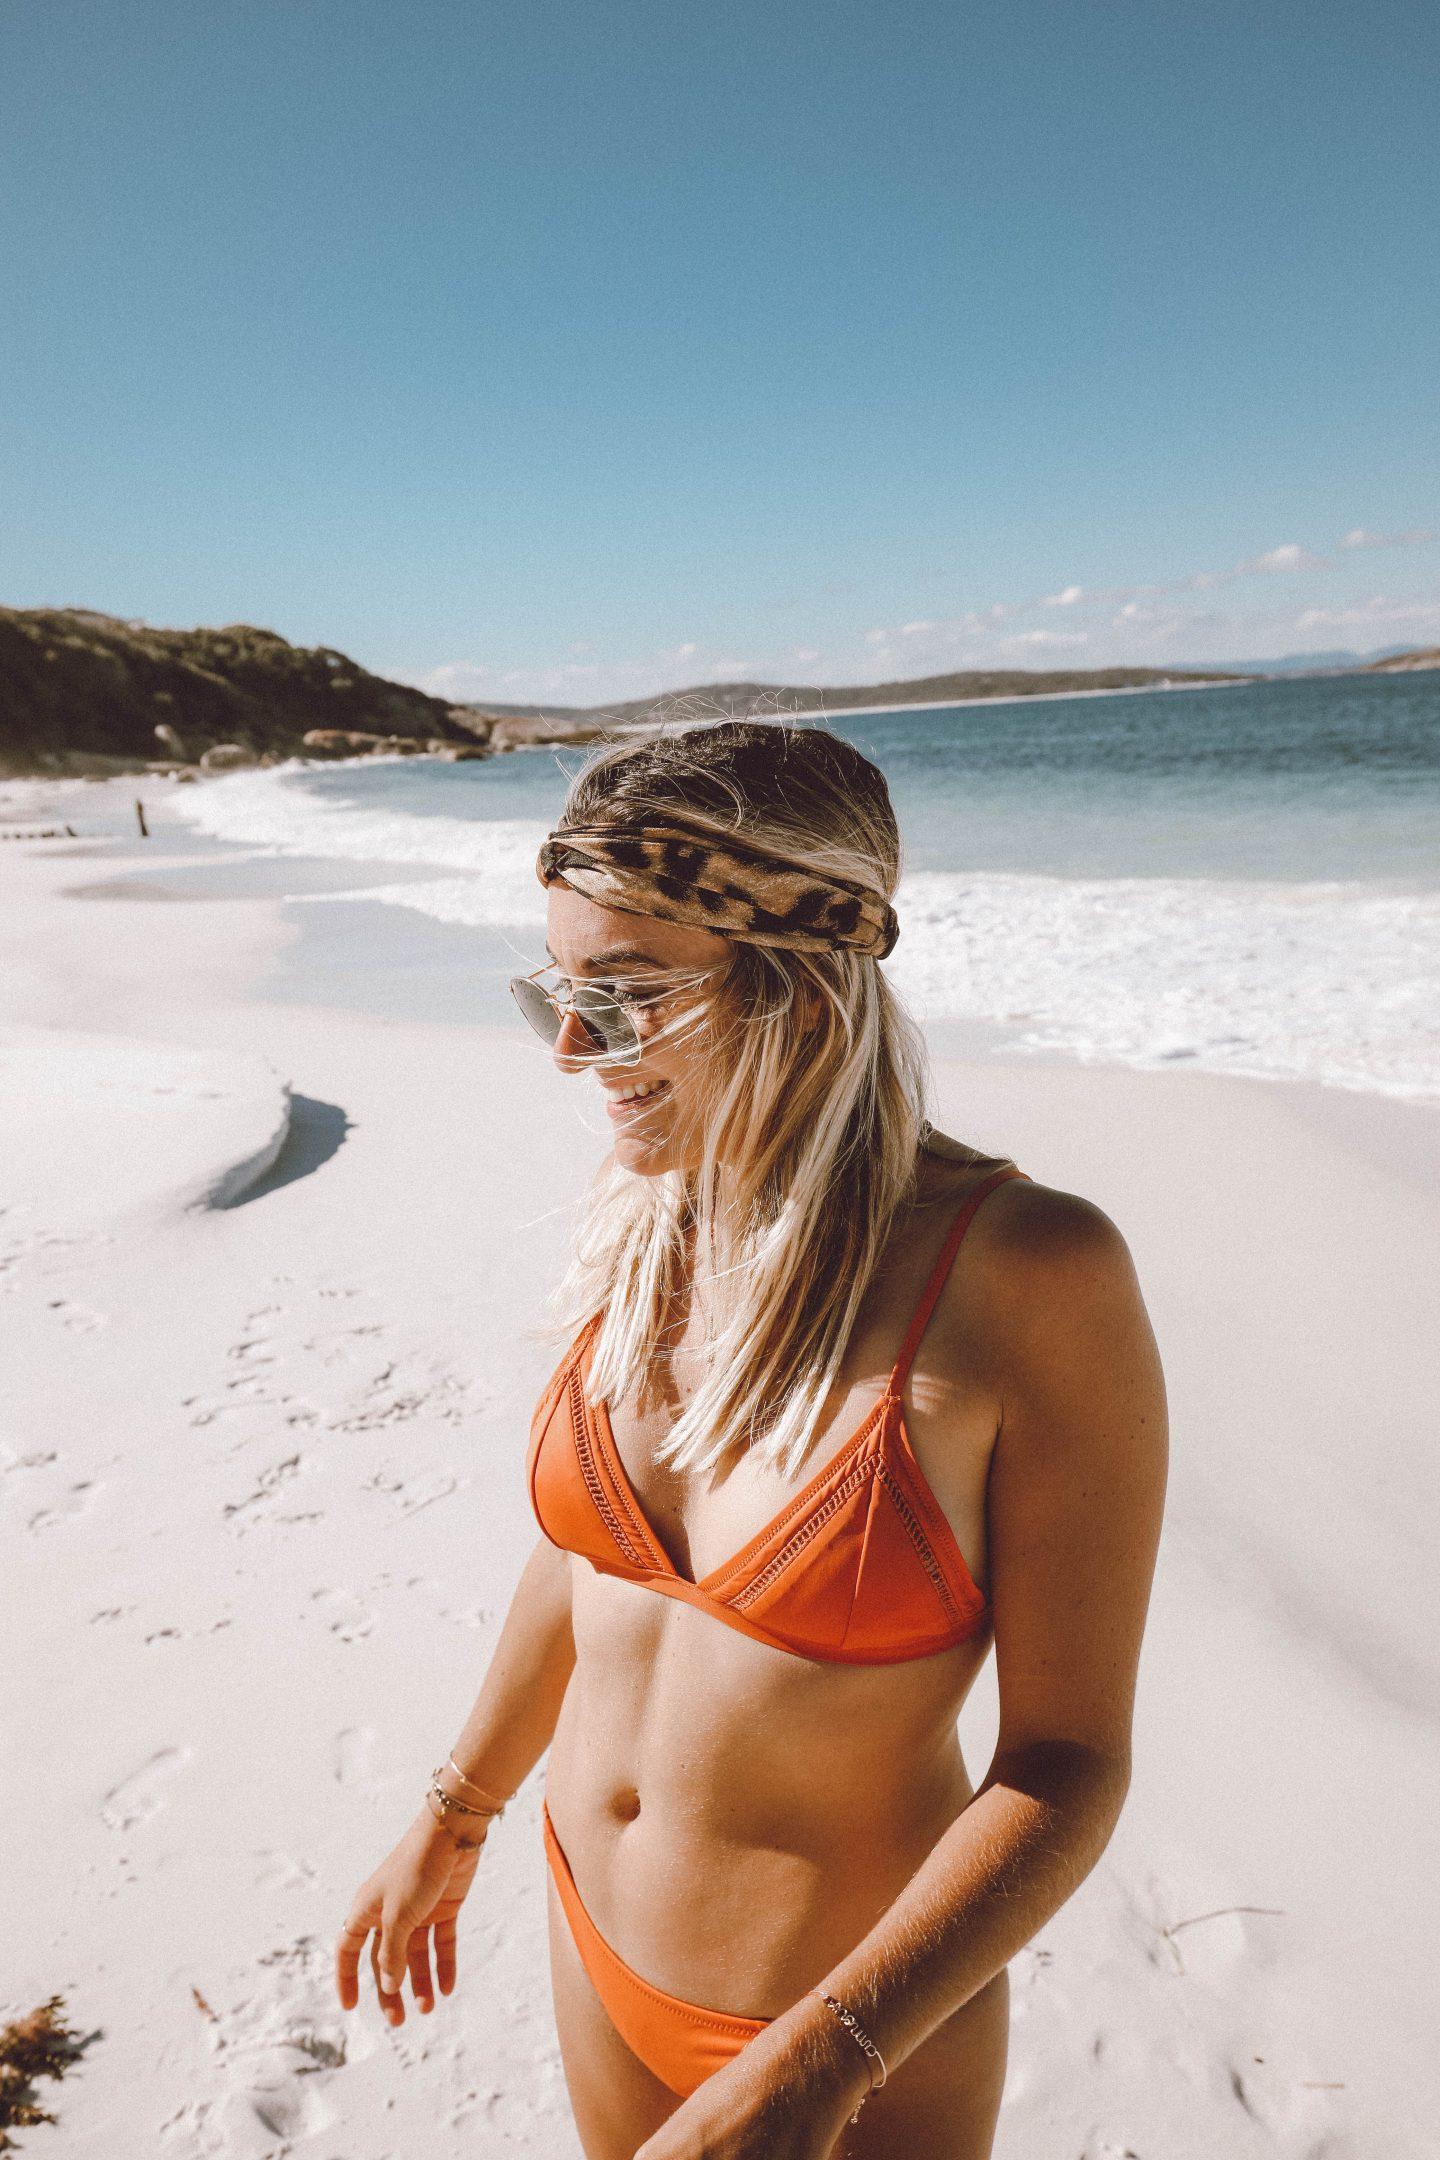 Maillot de bain Billabong - Blondie Baby blog mode et voyages